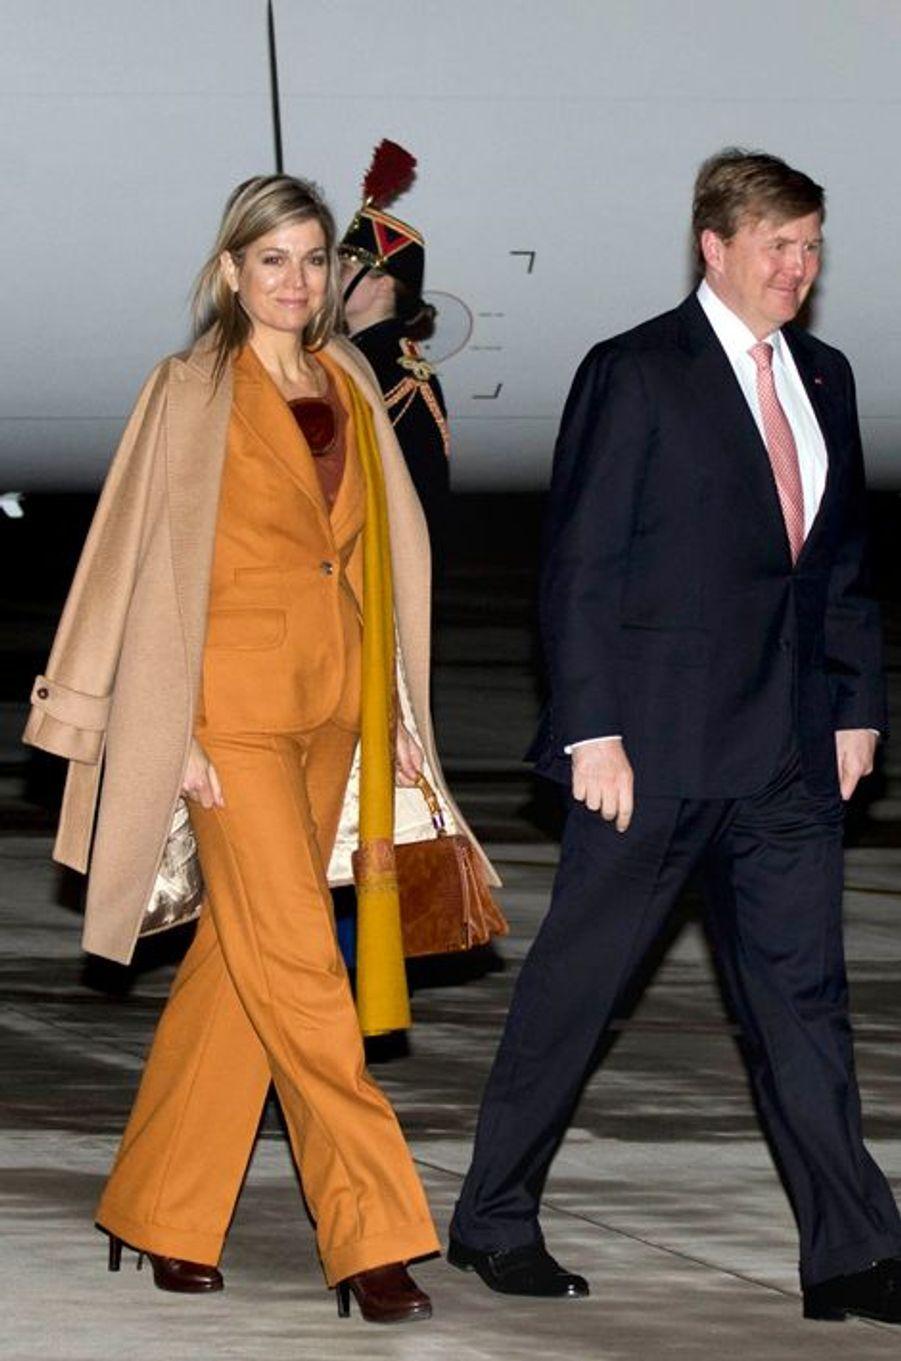 La reine Maxima des Pays-Bas, avec le roi Willem-Alexander, à l'aéroport de Villacoublay, le 9 mars 2016